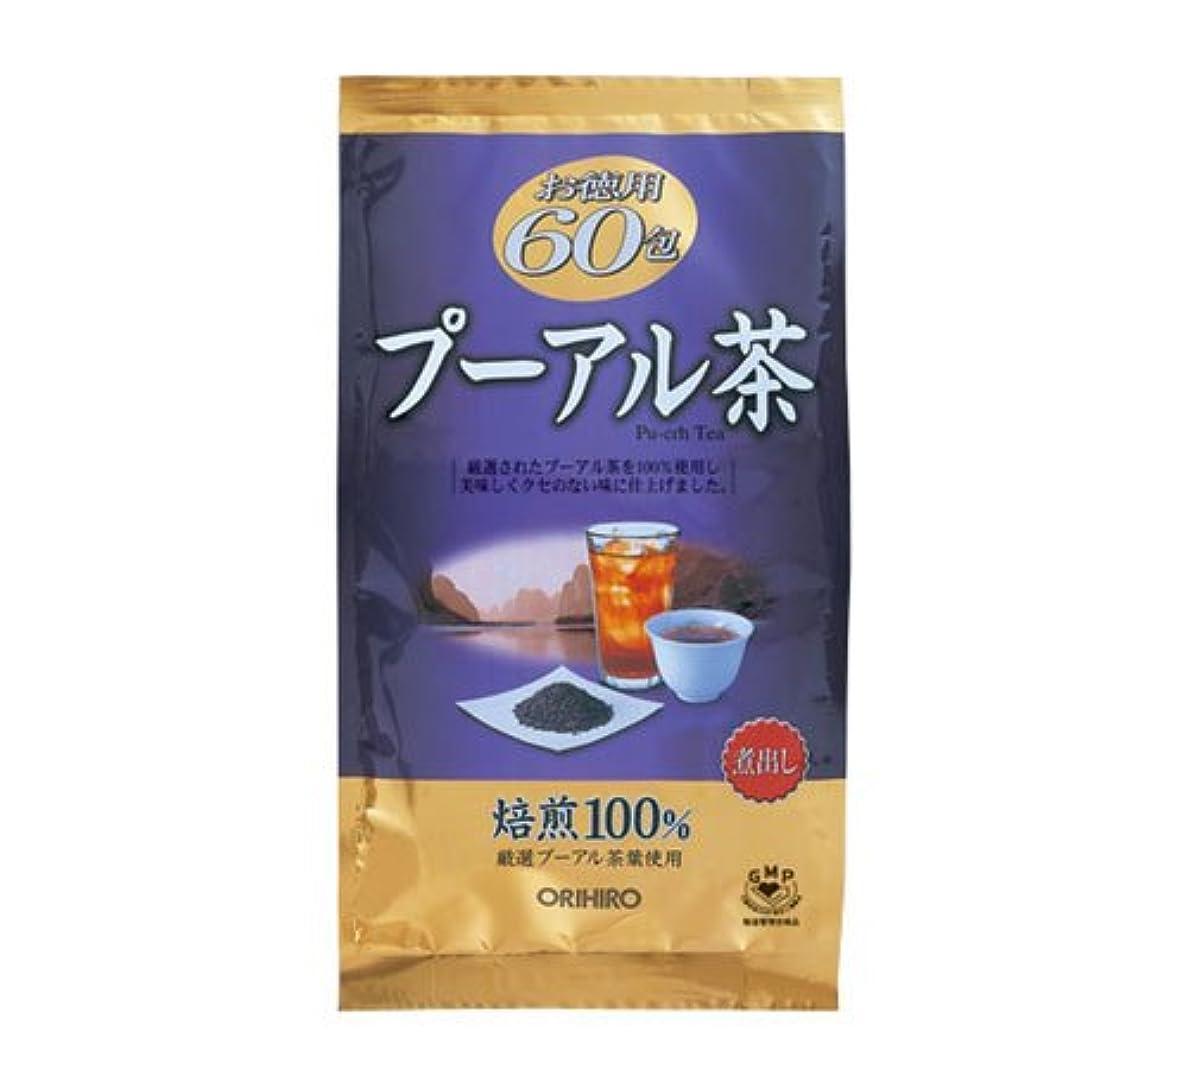 死んでいる調査バナーお徳用60包プーアル茶 180g(3g×20包×3袋)